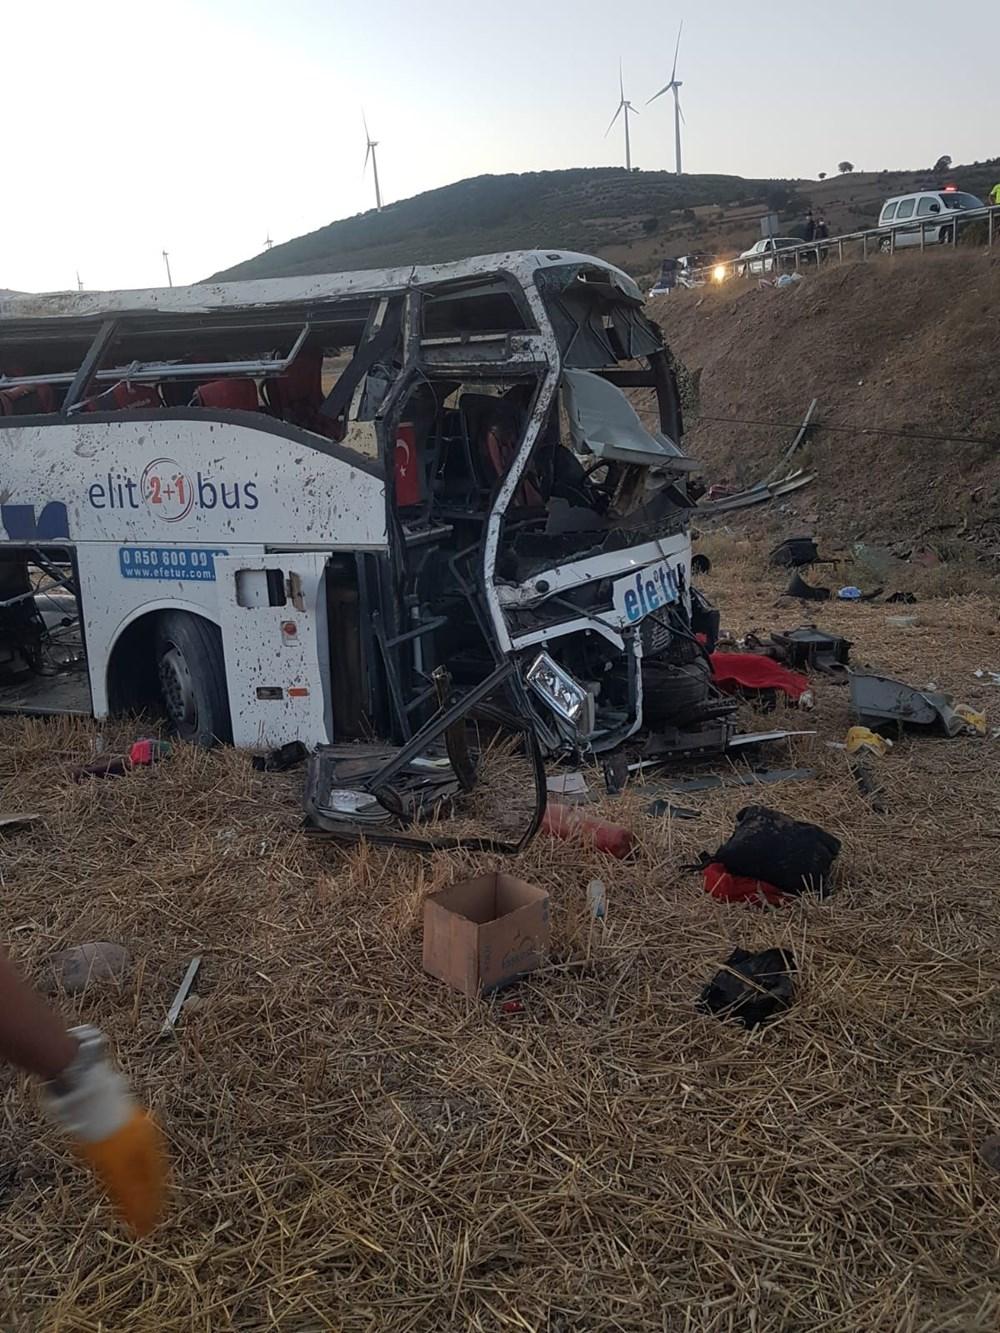 Balıkesir'de yolcu otobüsü devrildi: 15 kişi hayatını kaybetti - 4